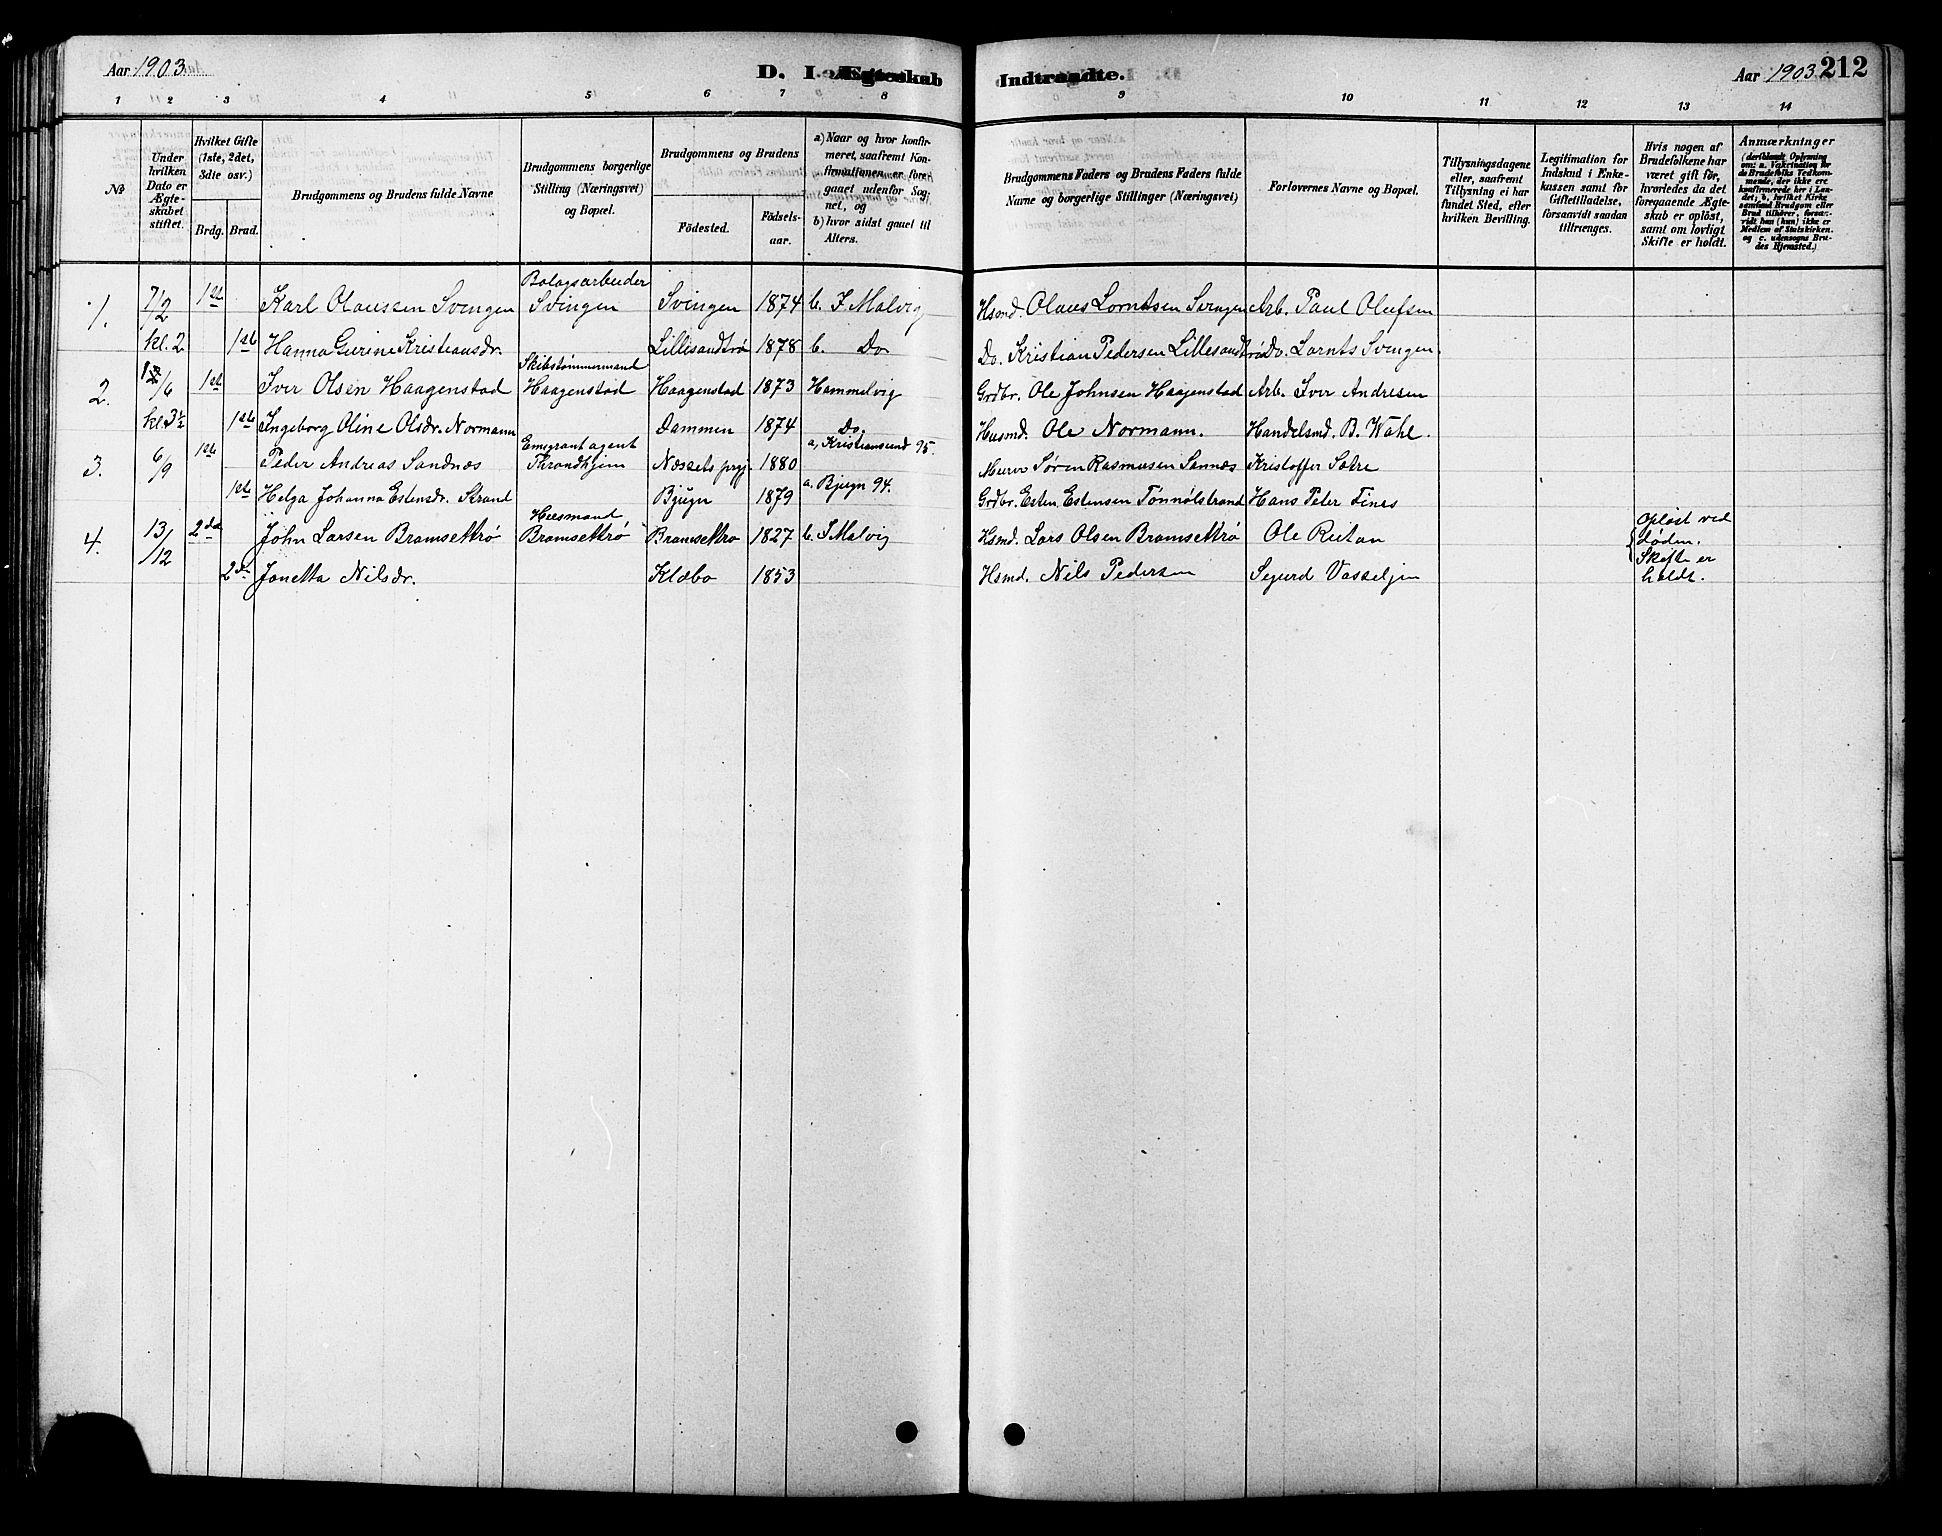 SAT, Ministerialprotokoller, klokkerbøker og fødselsregistre - Sør-Trøndelag, 616/L0423: Klokkerbok nr. 616C06, 1878-1903, s. 212